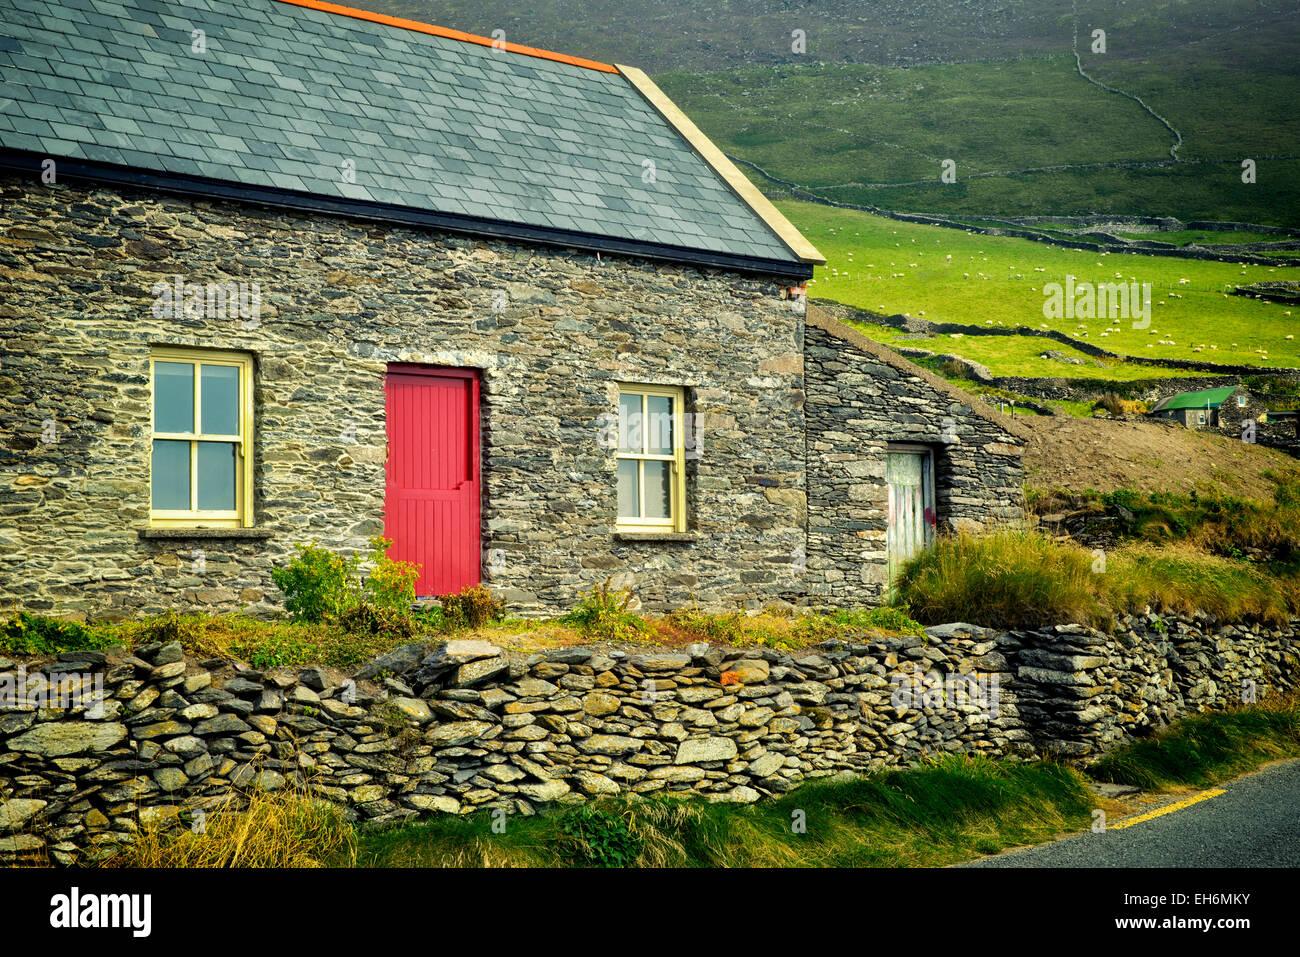 Casa de piedra y ovejas en potreros con cercas de piedra en Slea Head Drive. La península Dingle, Irlanda. Imagen De Stock